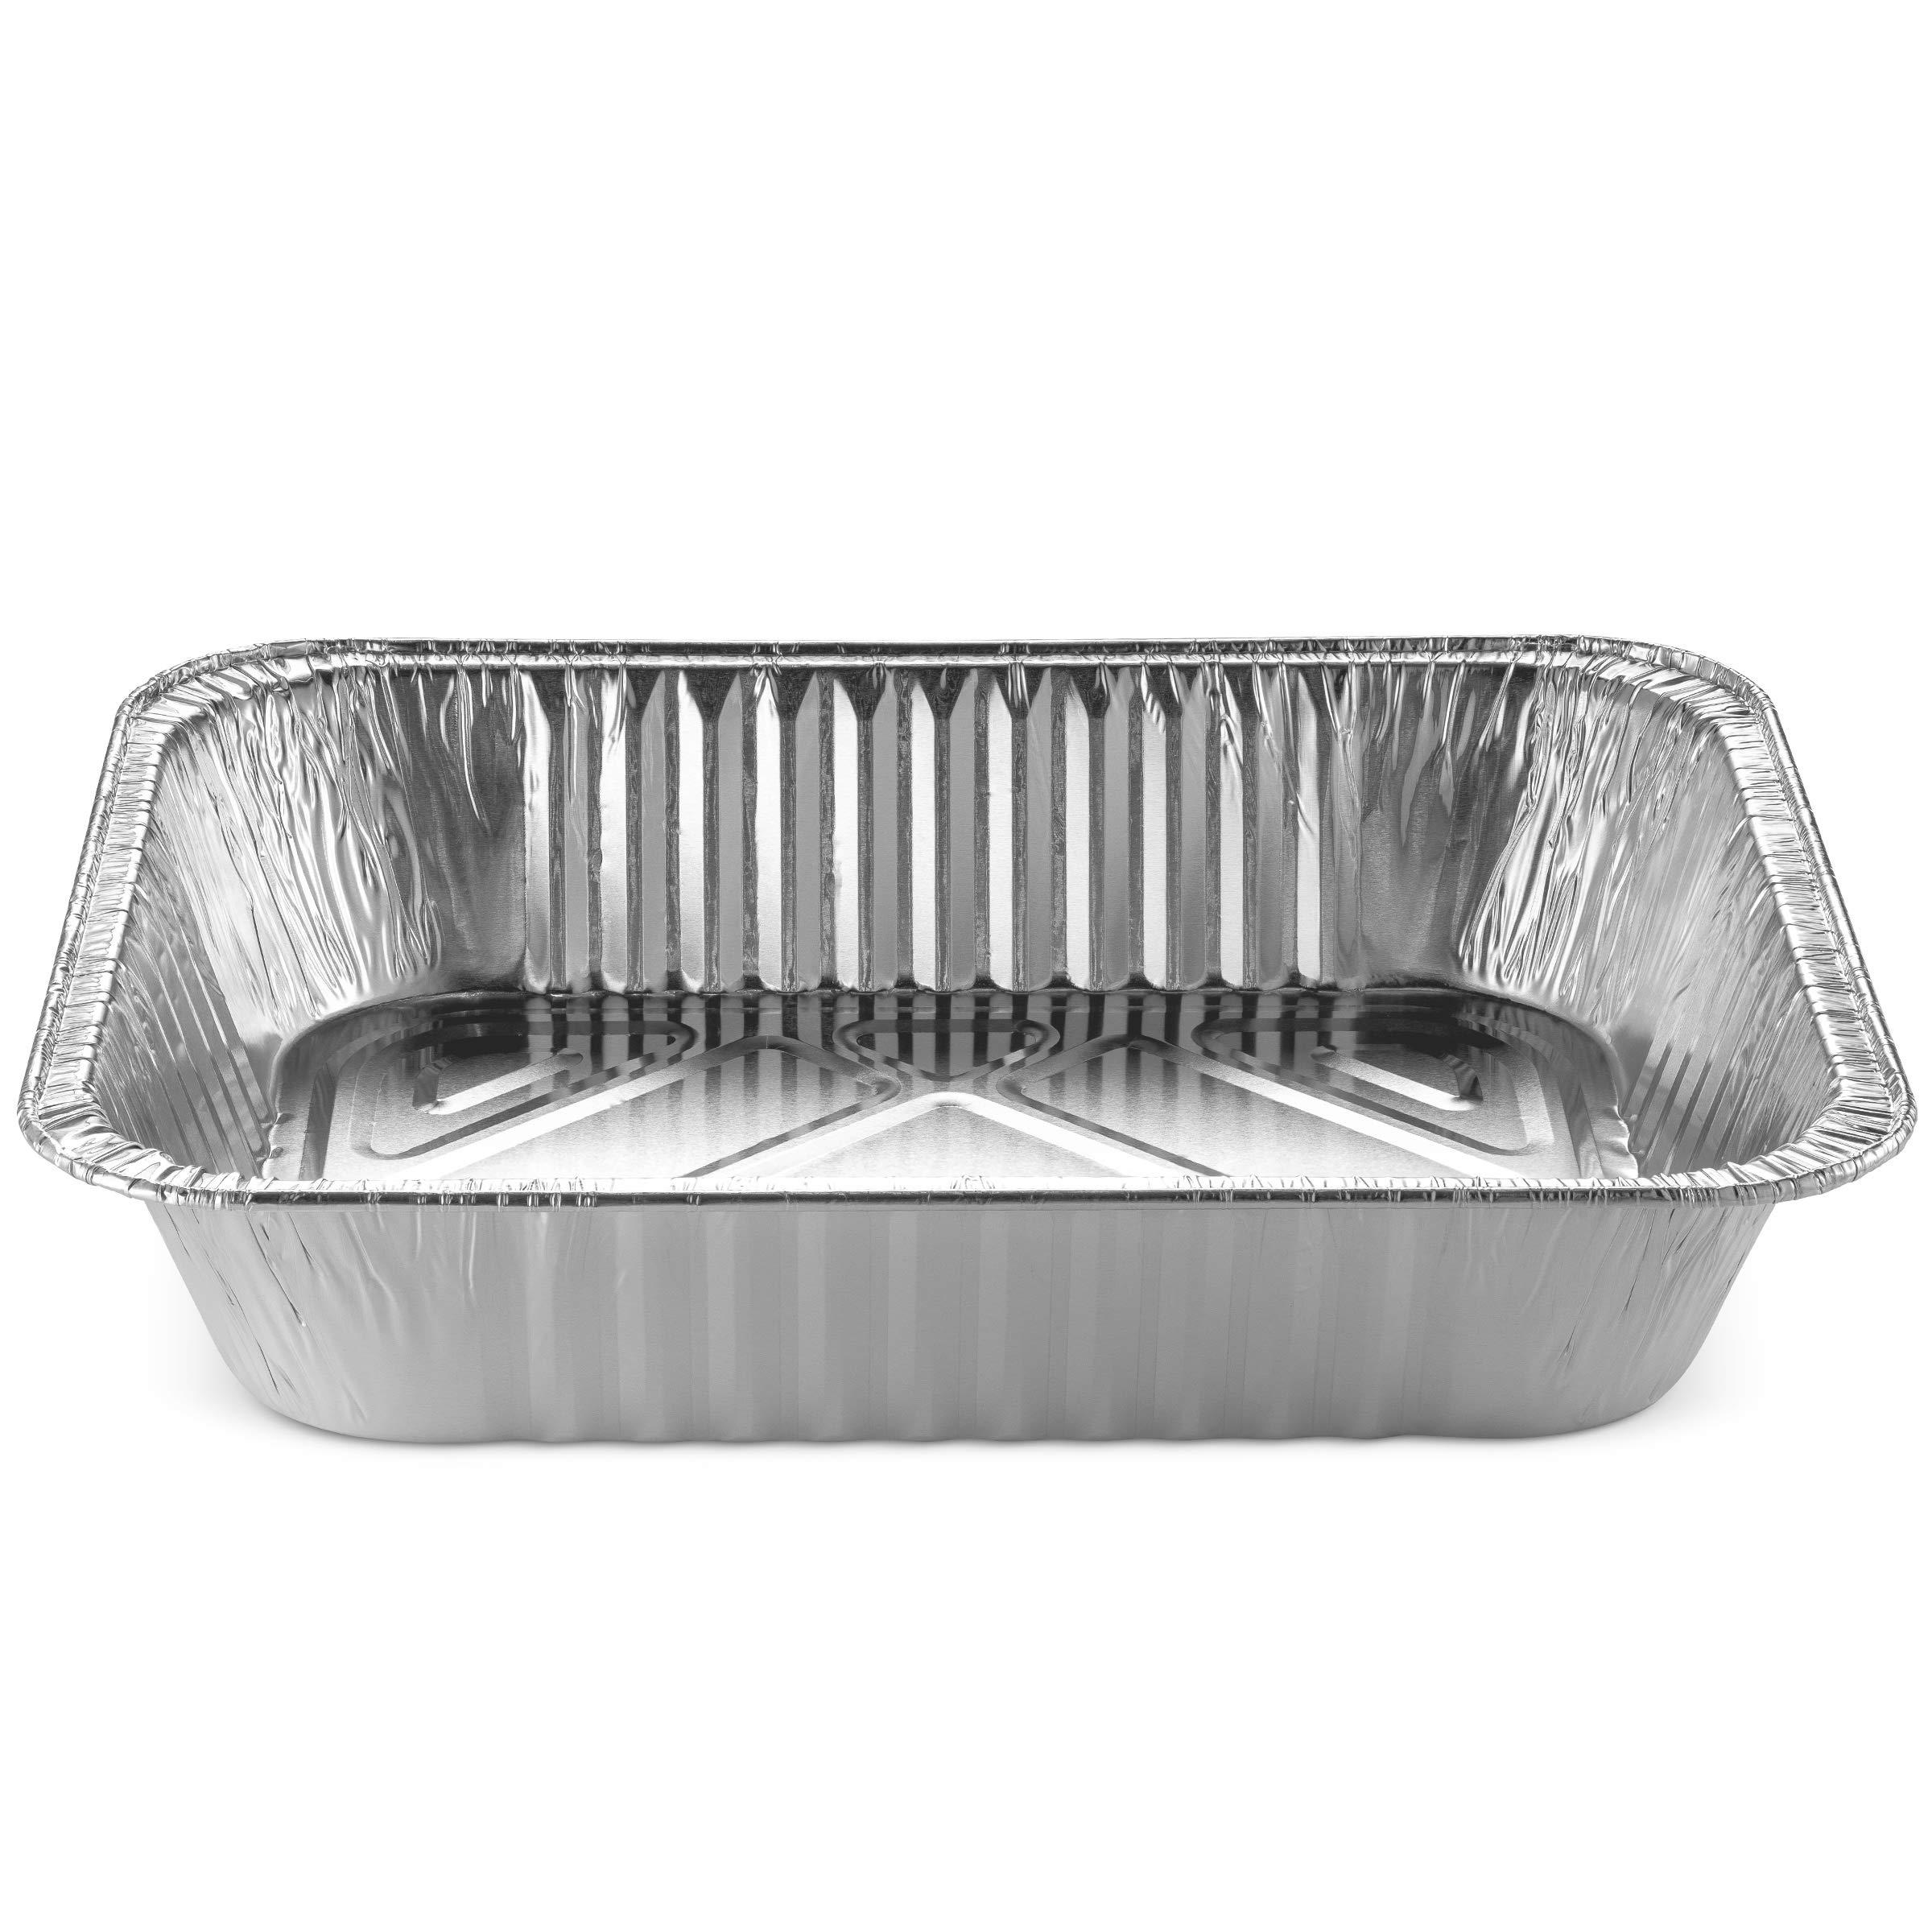 Nyhi 9 X 13 Quot Aluminum Foil Pans 30 Pack Durable